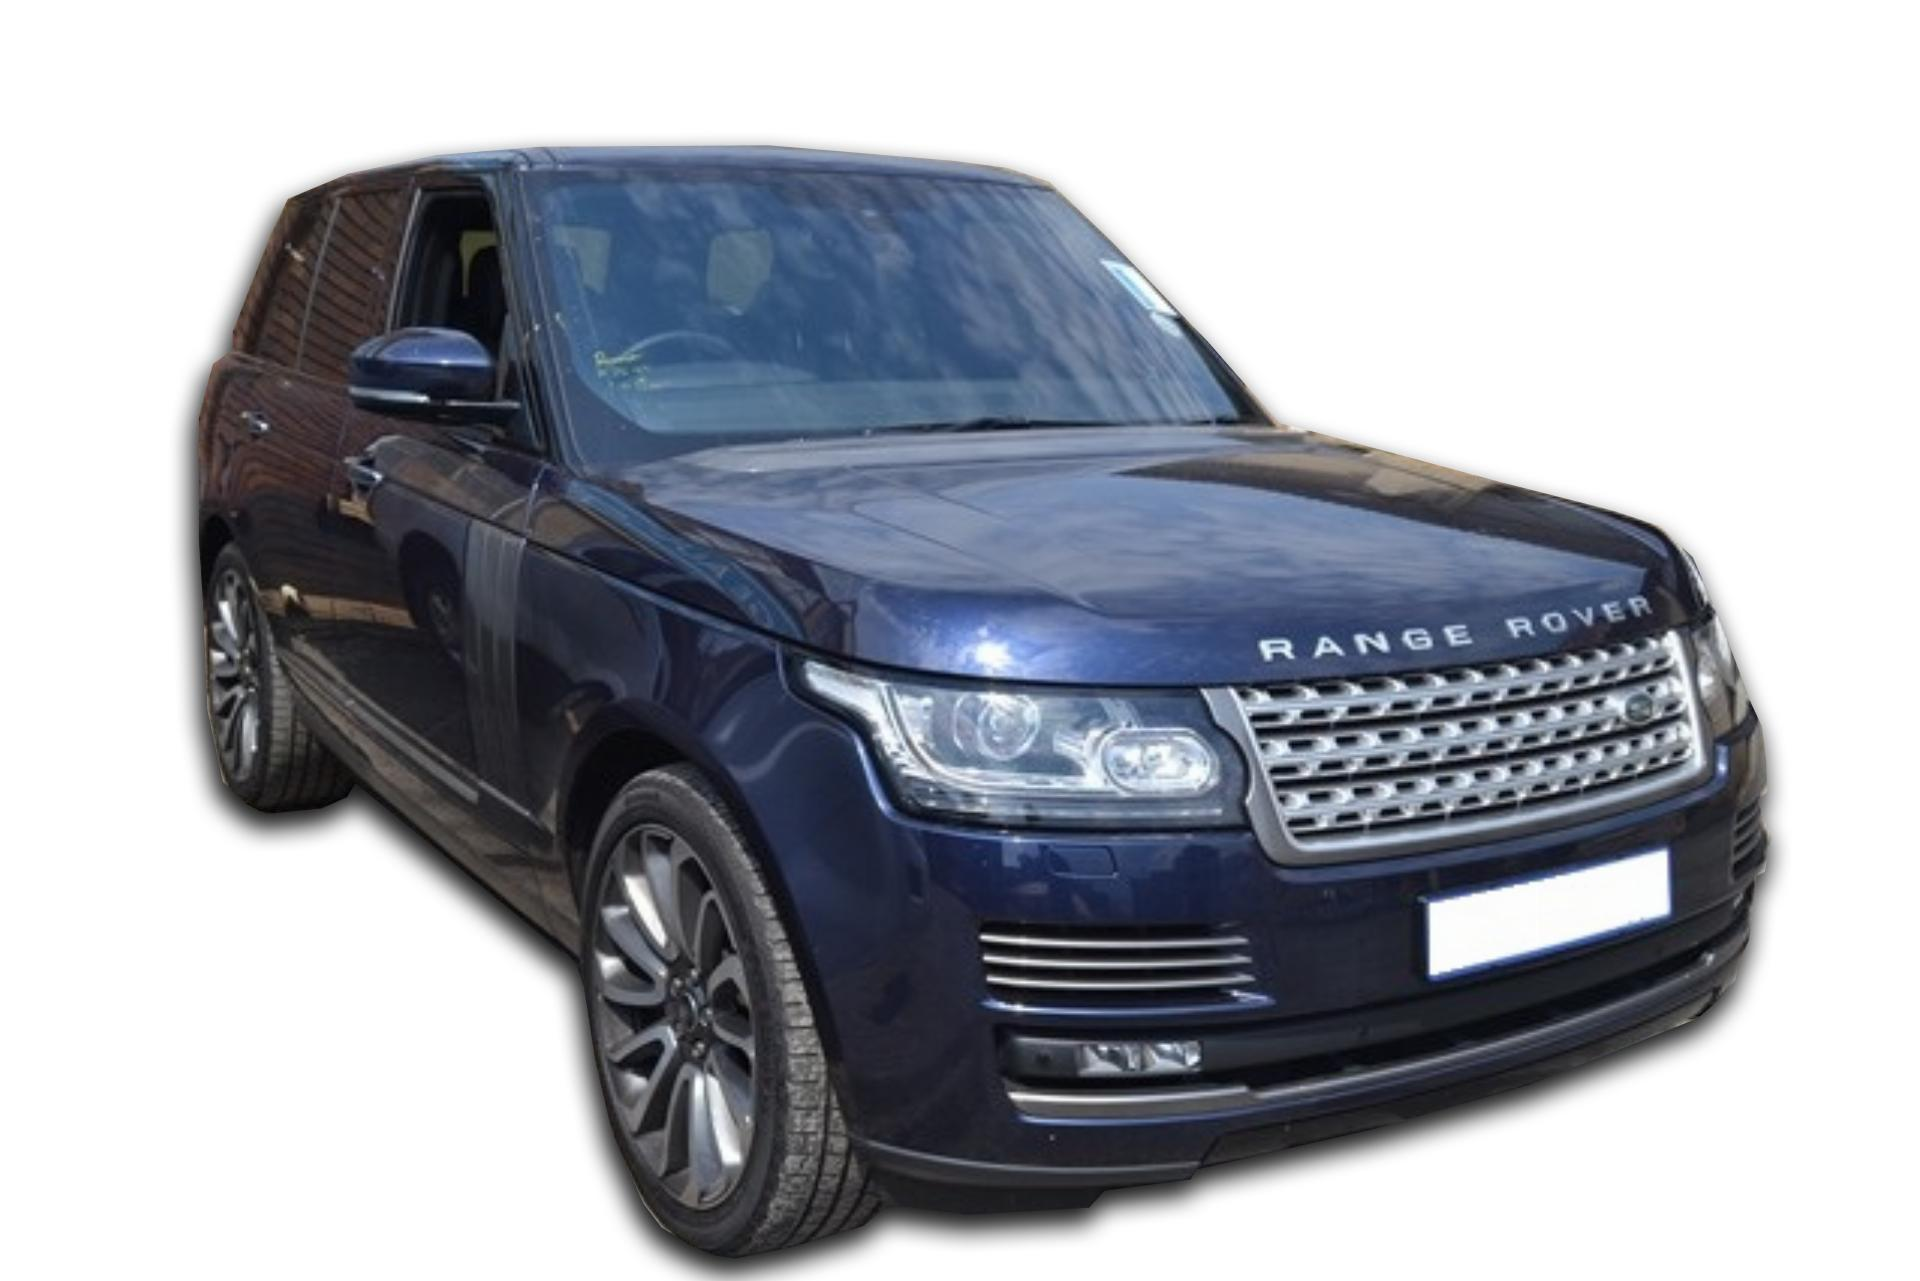 Land Rover Range Rover 5.0